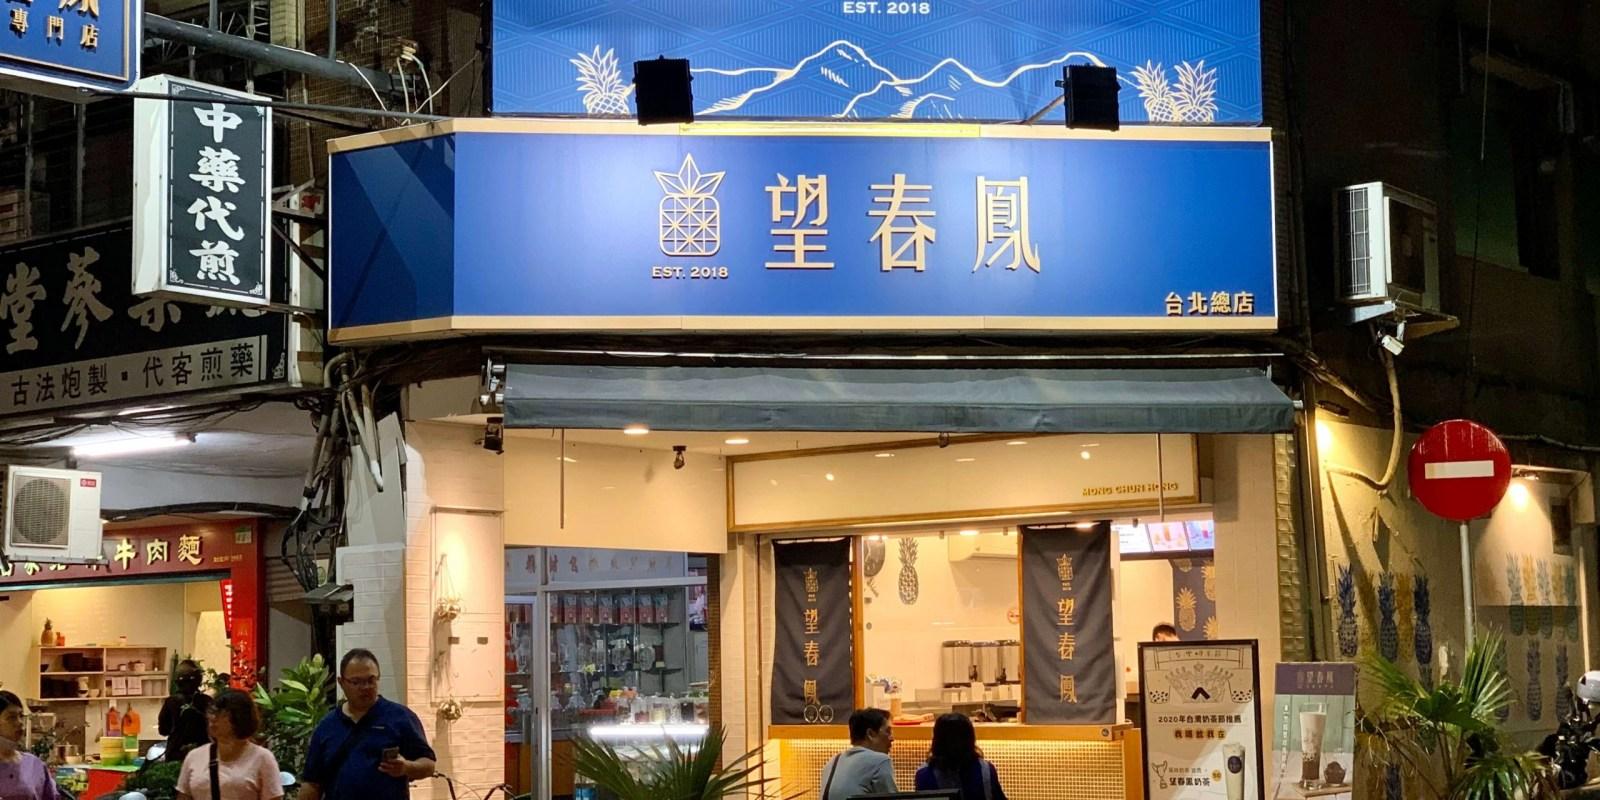 望春鳳2021年菜單、最新消息及分店資訊 (6月更新)